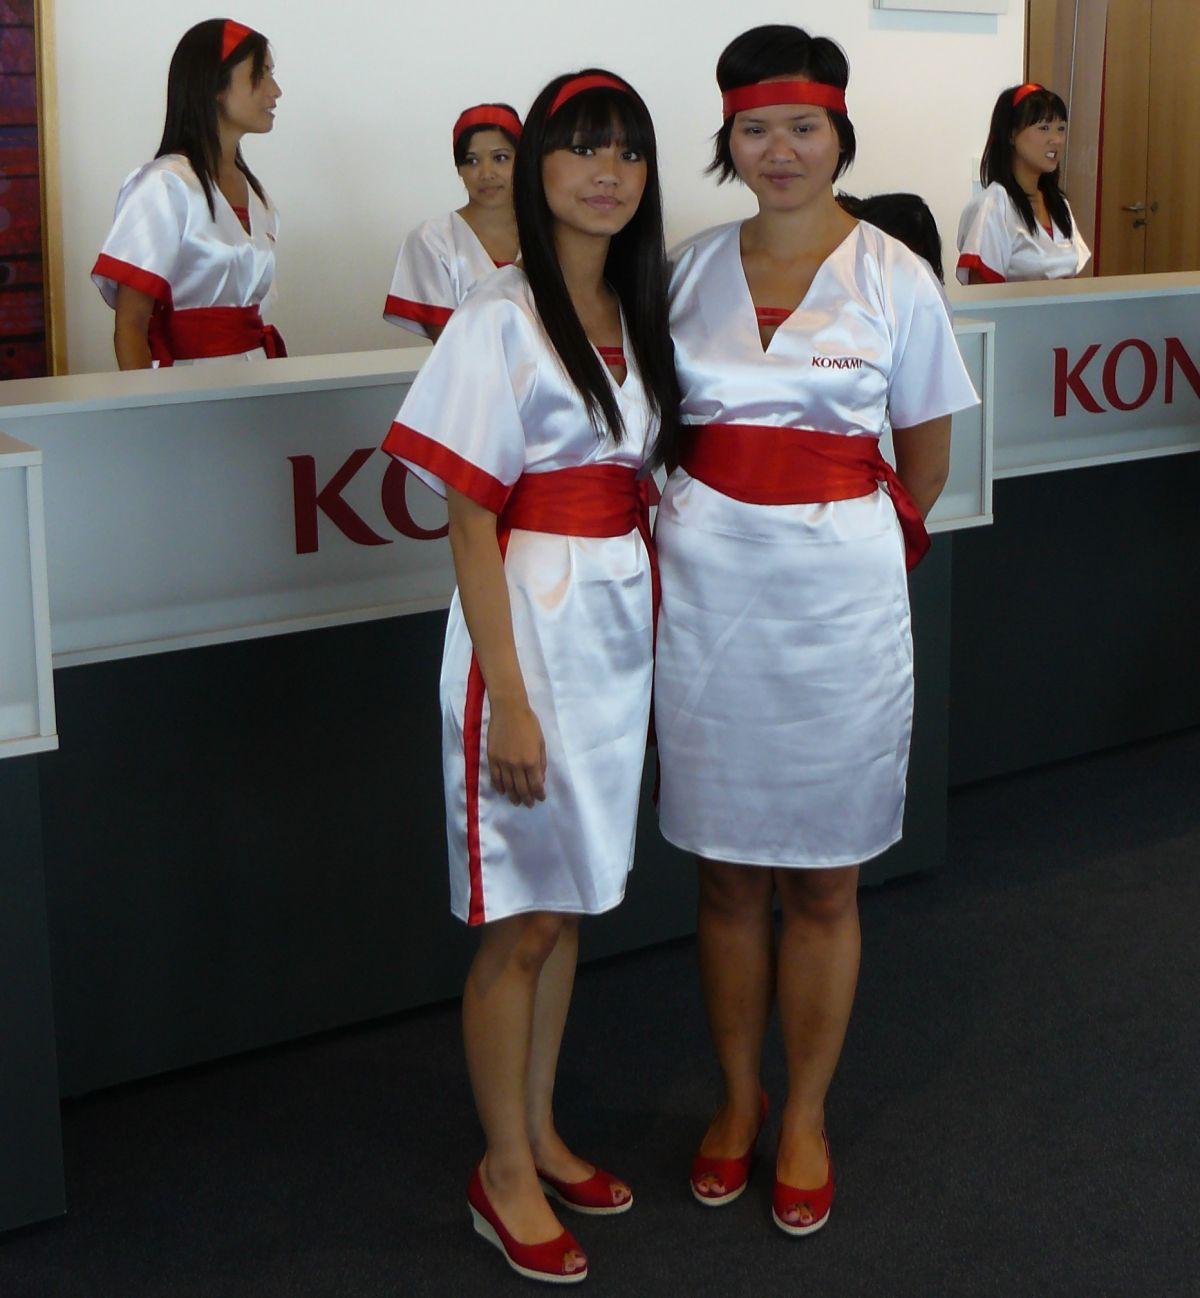 Empfangskomitee bei Konami